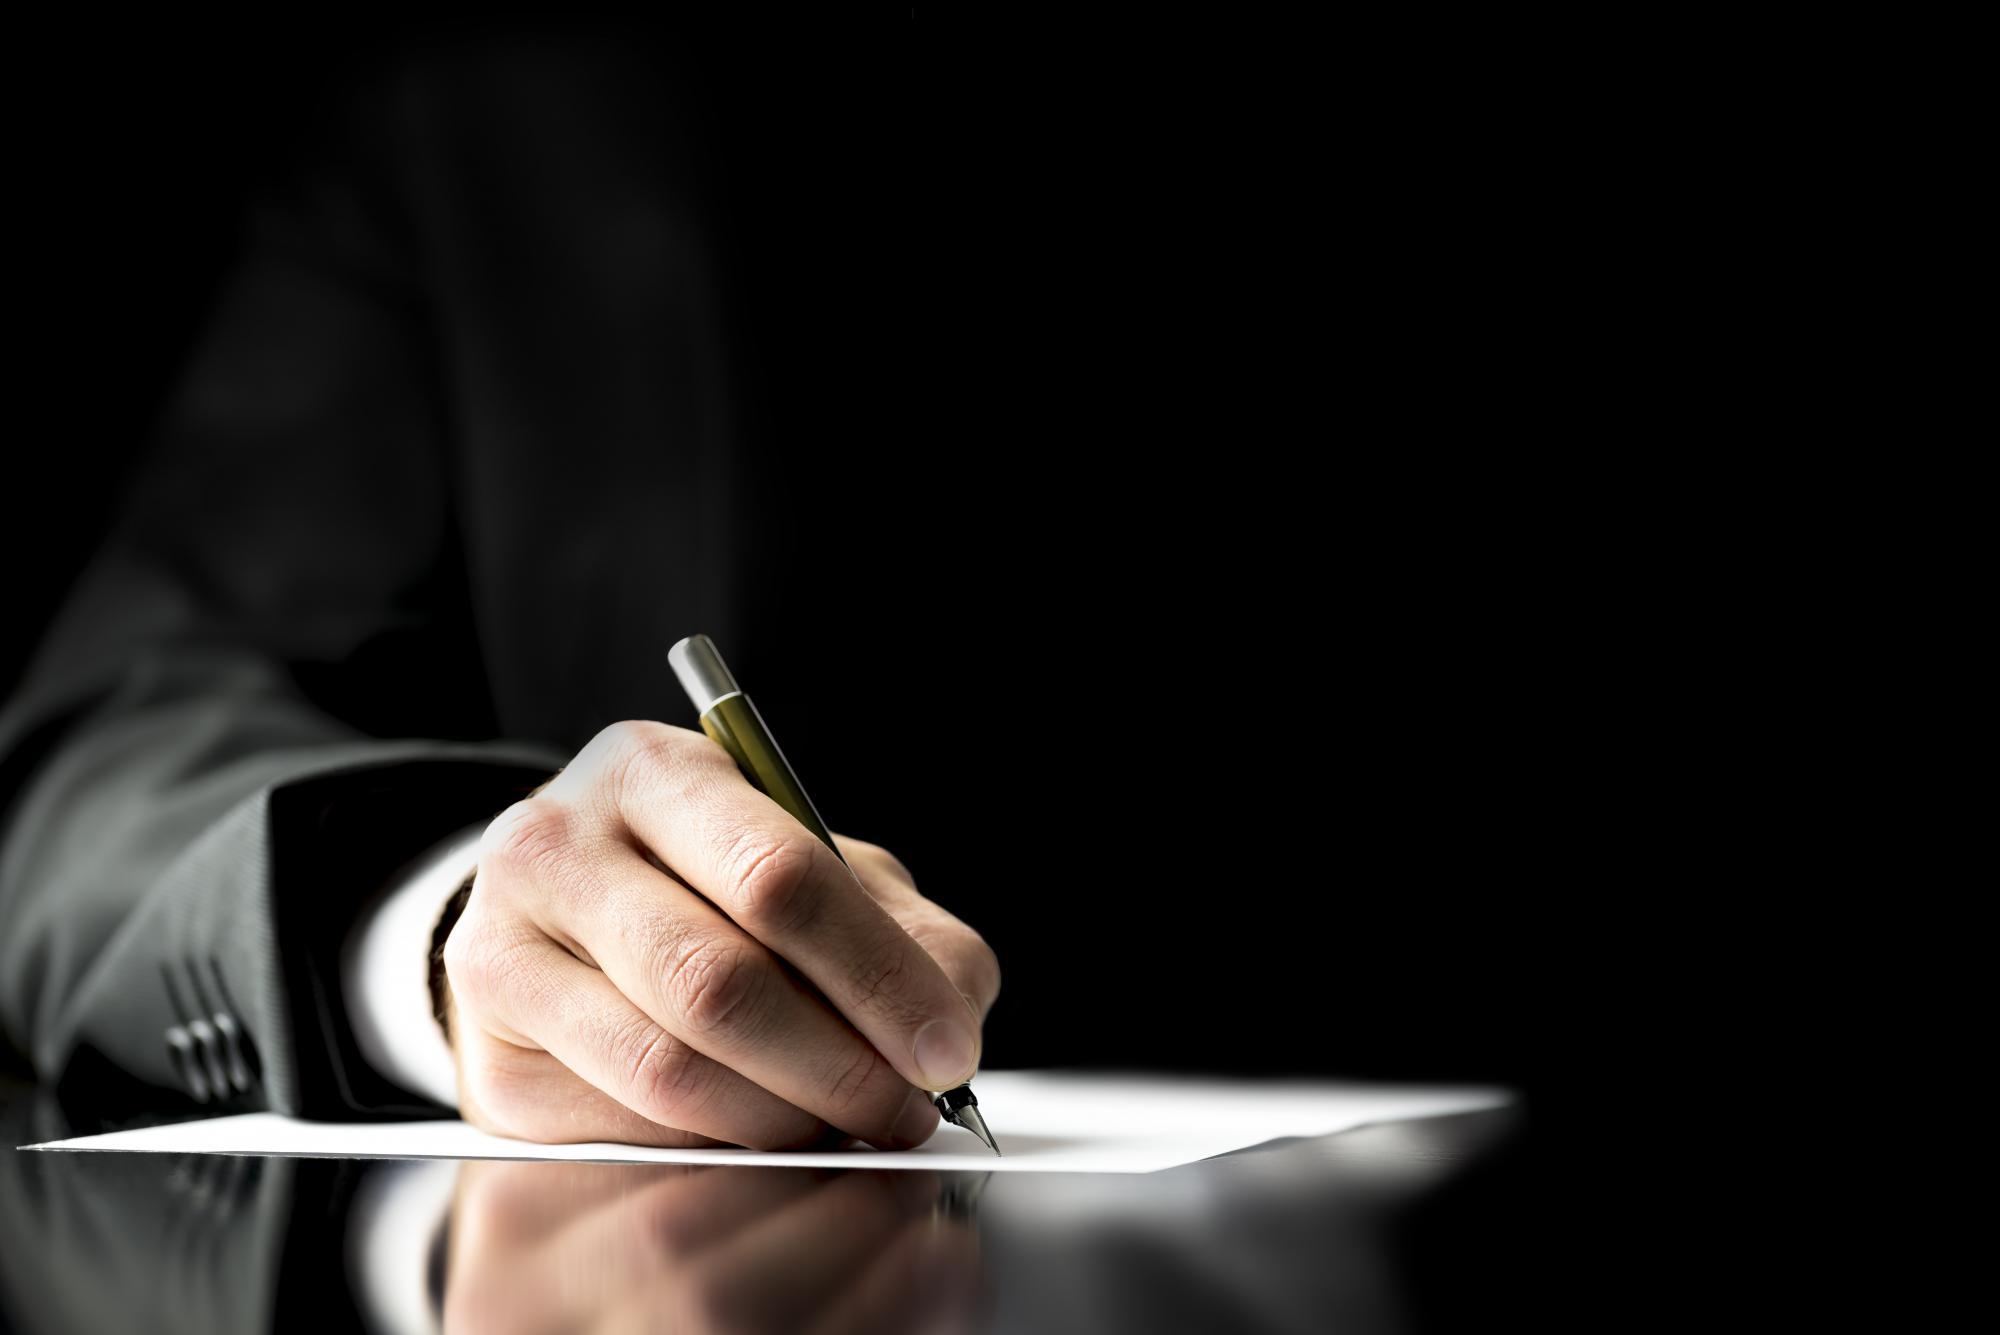 ФНС составила перечень оснований, определяющих фирму «однодневку»